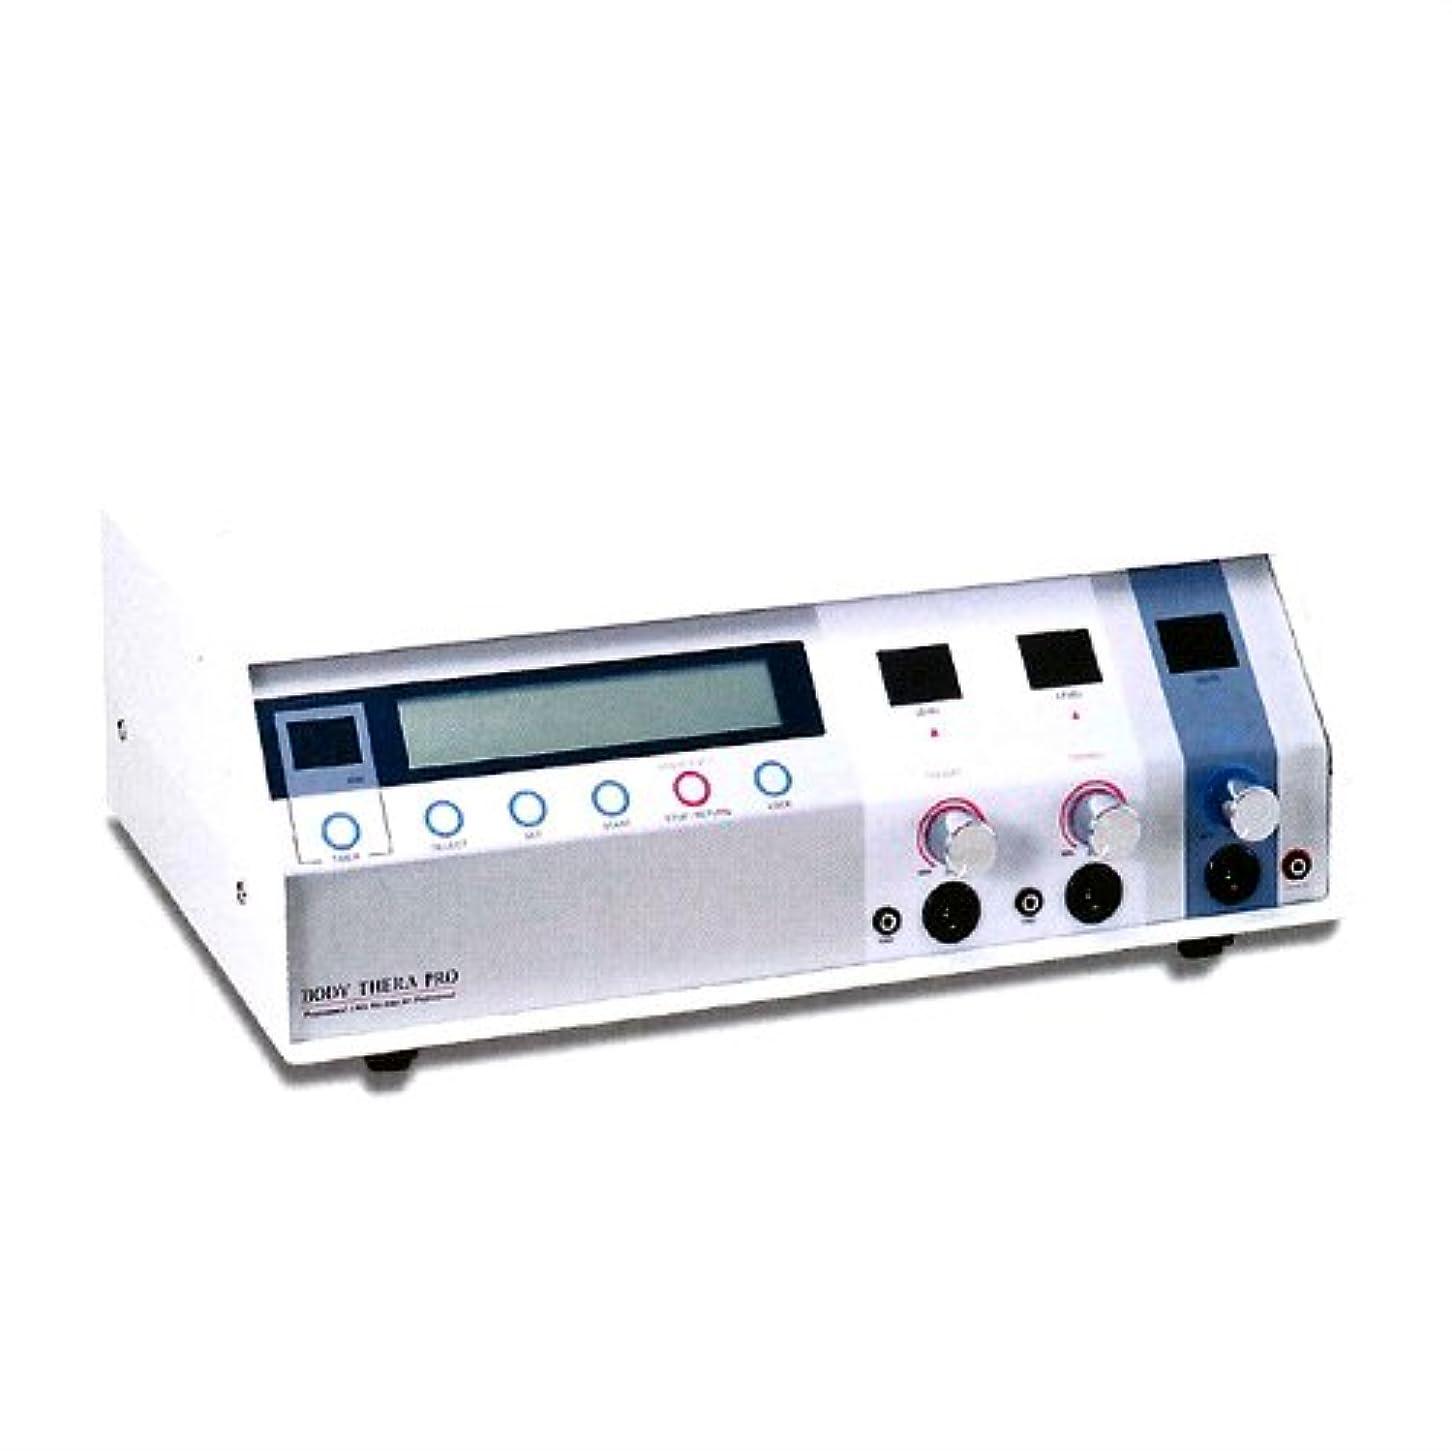 パブソフィー啓発する回転式ポイント通電電流刺激美容器 伊藤超短波 ボディセラプロ